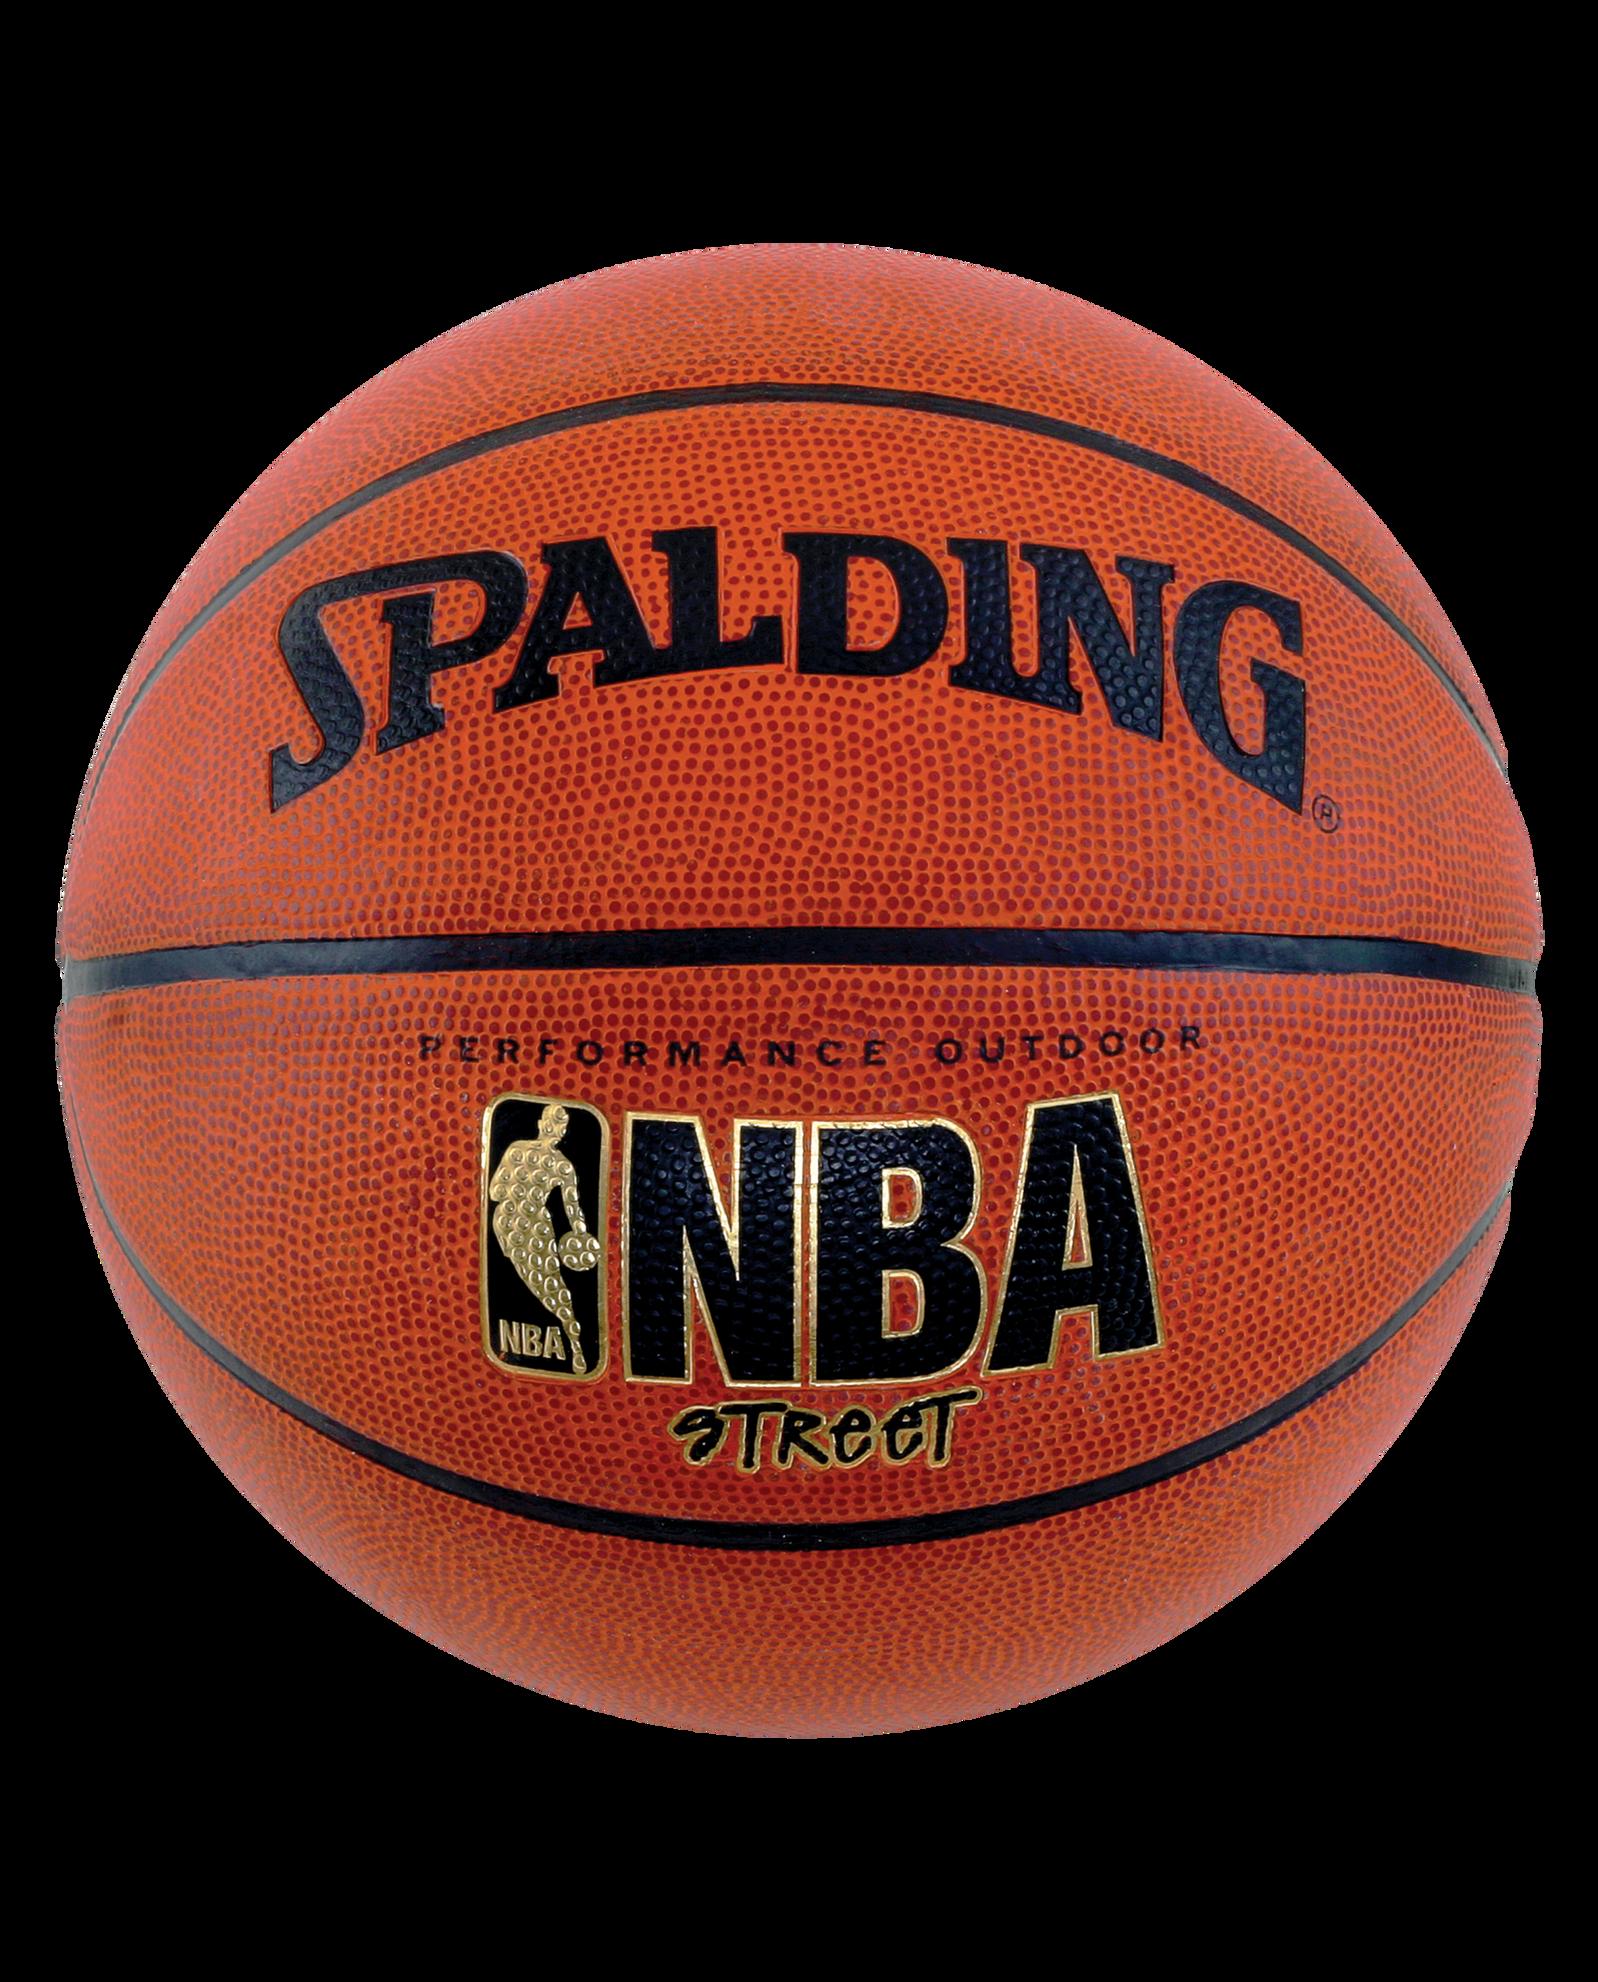 Street basketball ball